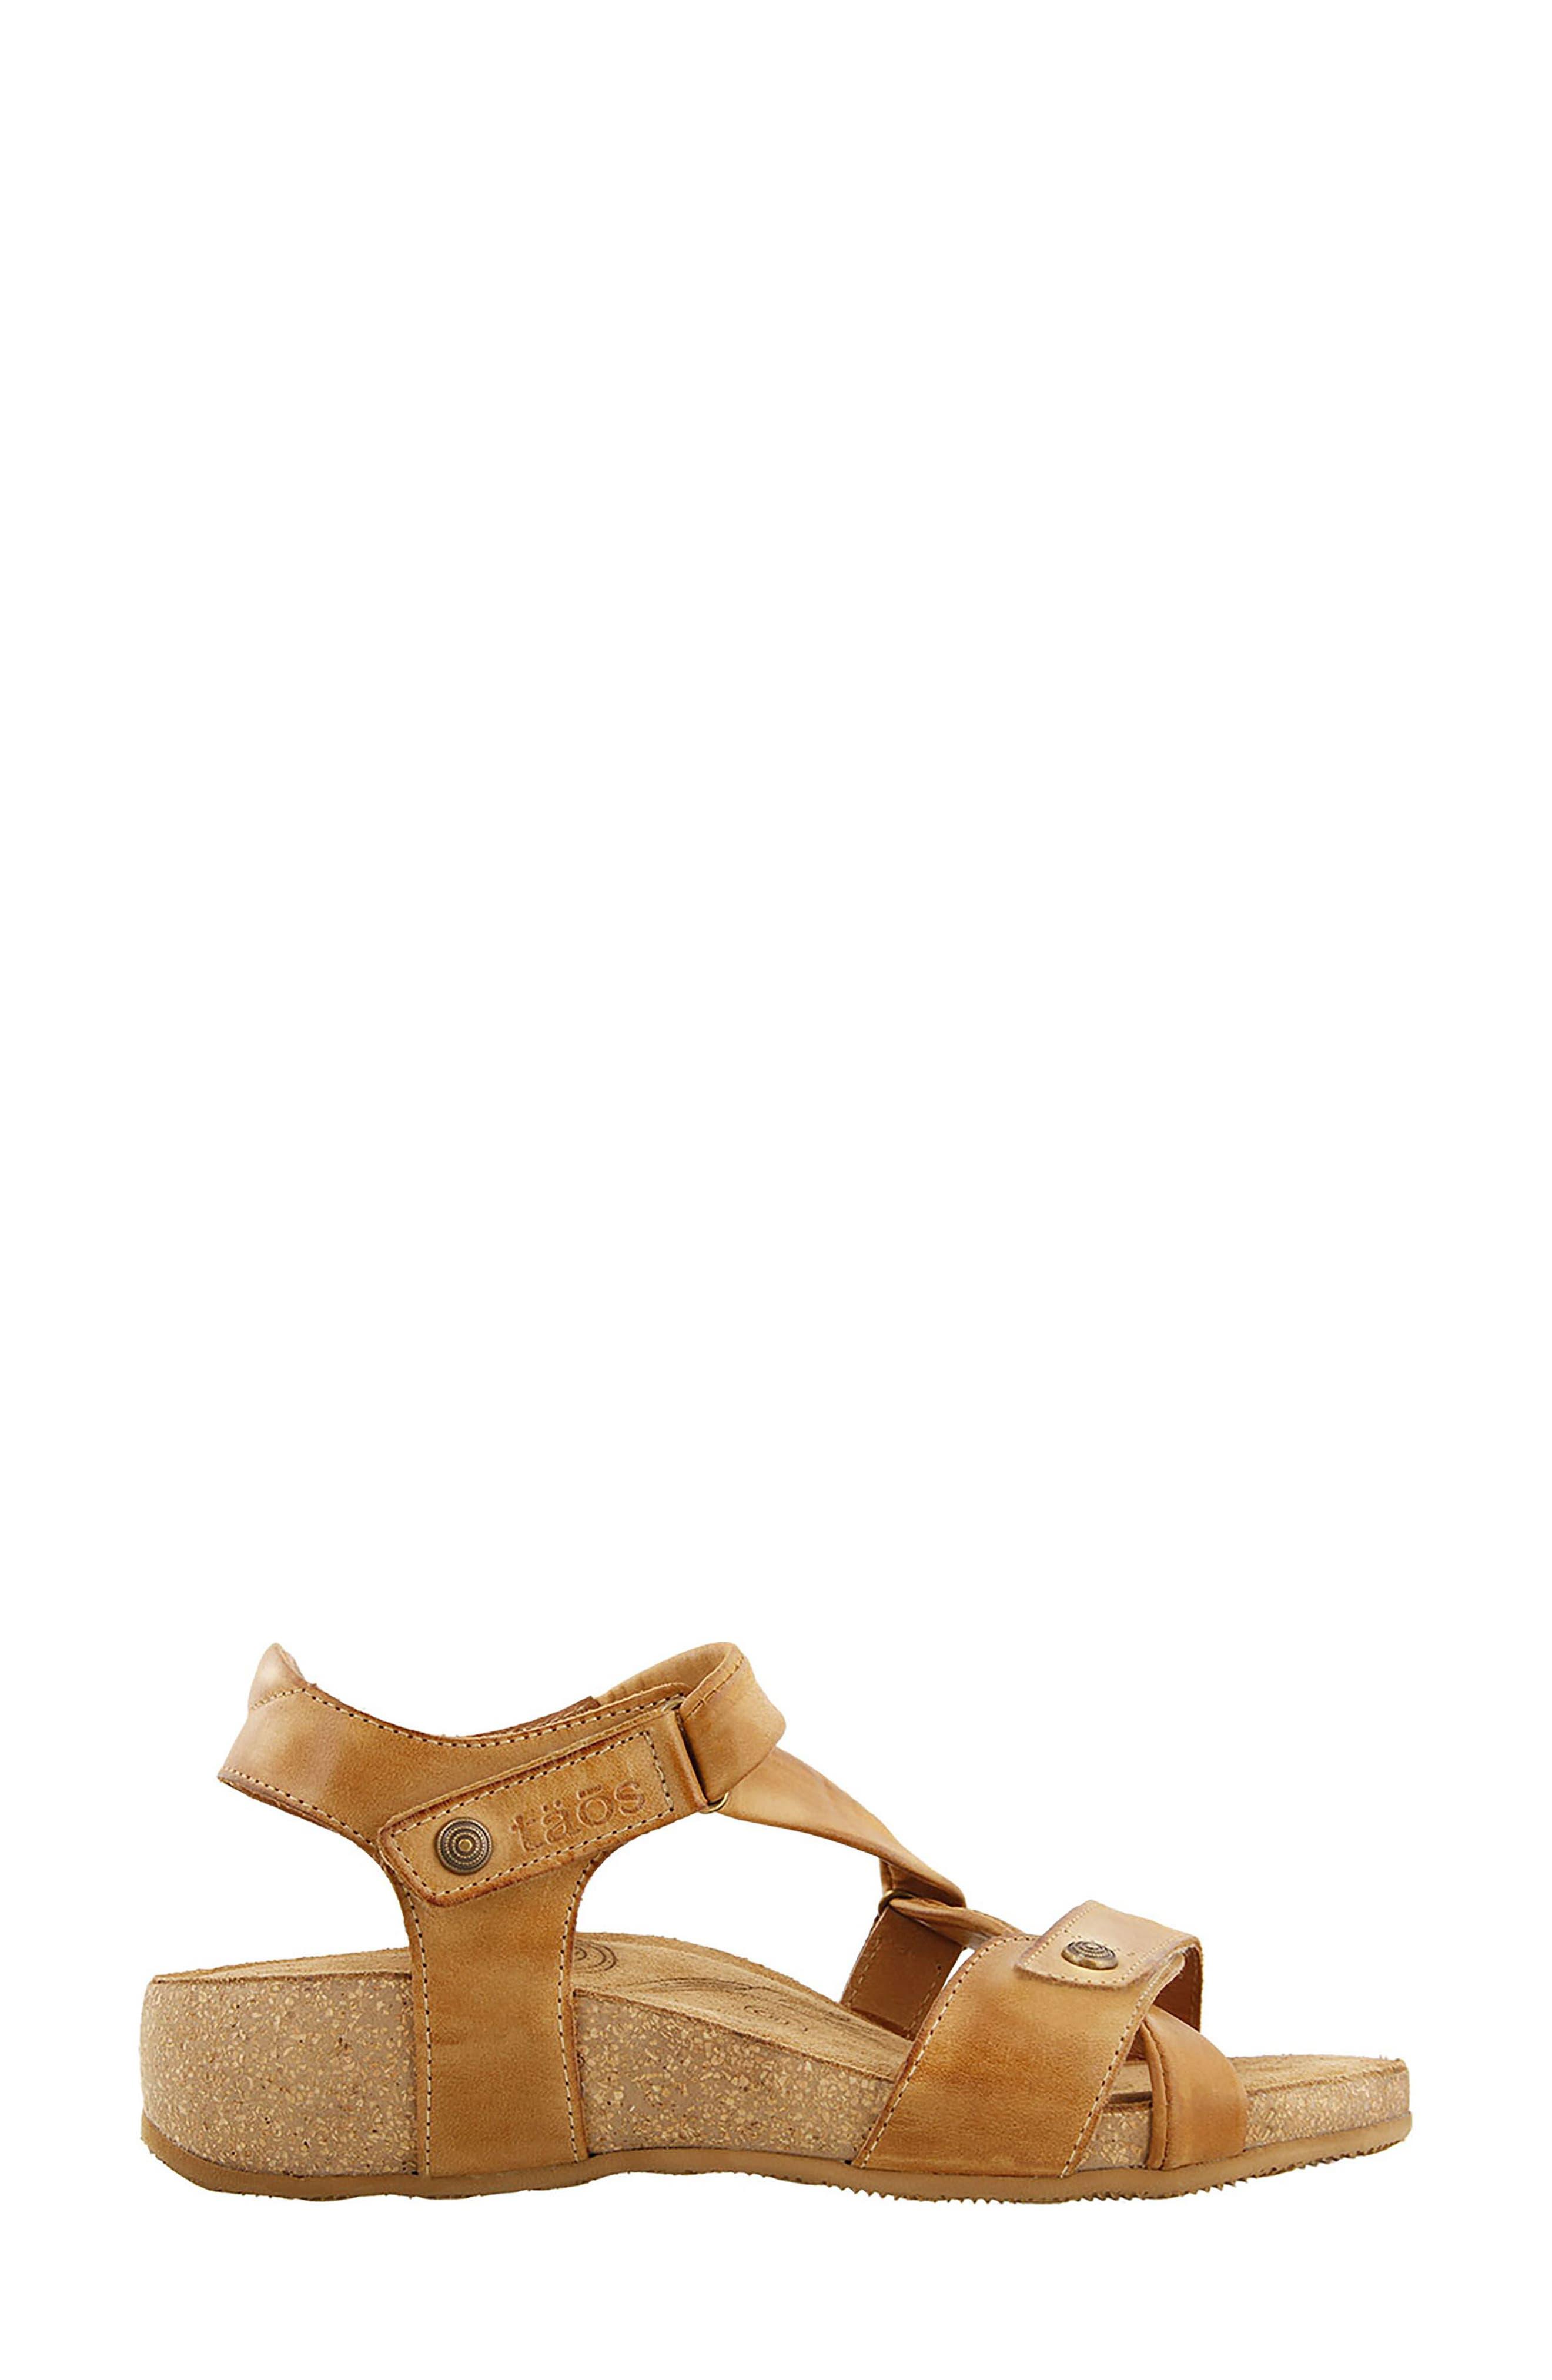 Alternate Image 3  - Taos Universe Sandal (Women)